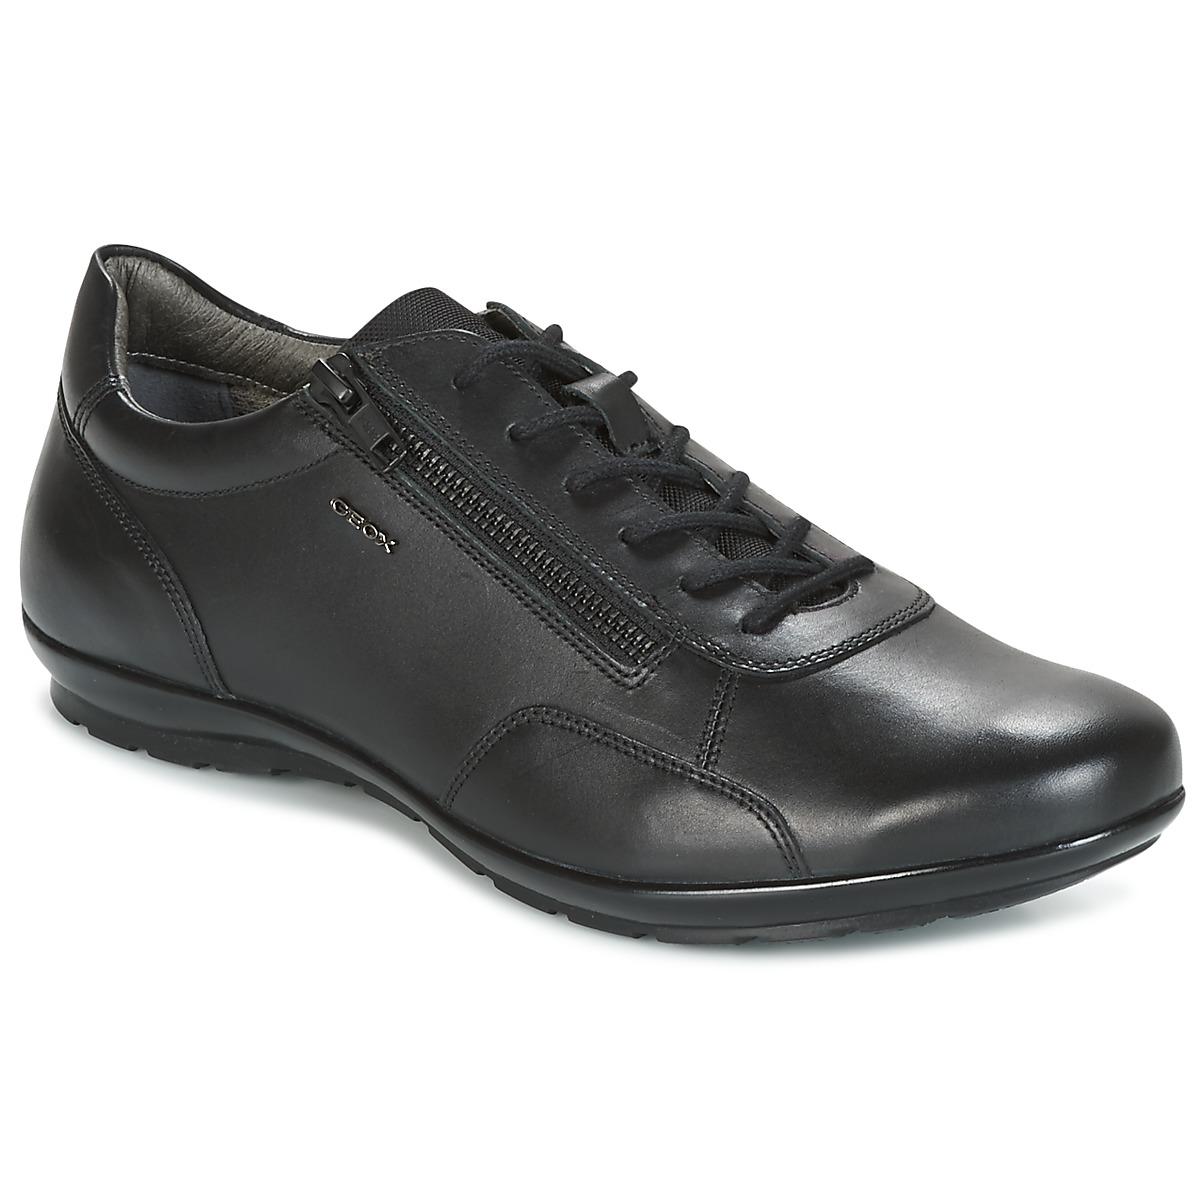 Geox UOMO SYMBOL Schwarz - Kostenloser Versand bei Spartoode ! - Schuhe Sneaker Low Herren 99,99 €